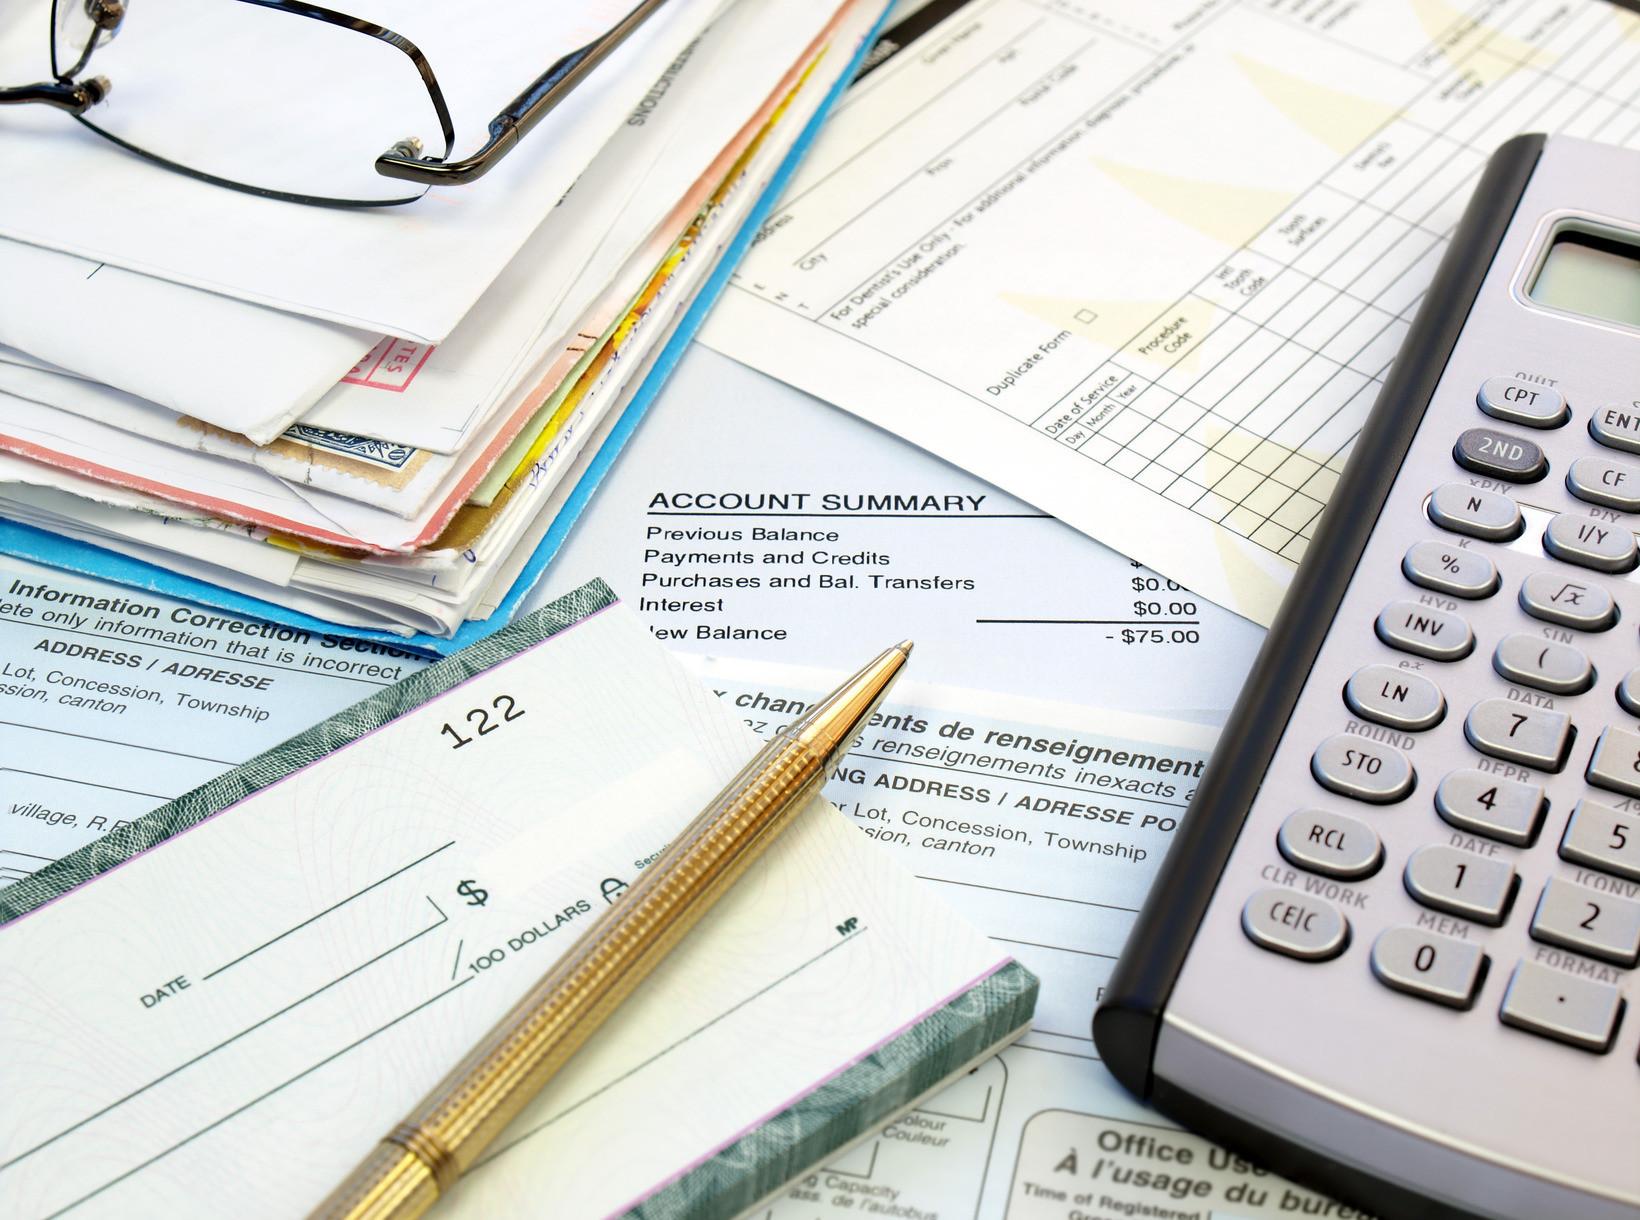 Guaranteed Auto Loans in Shoreline at Bayside Auto Sales